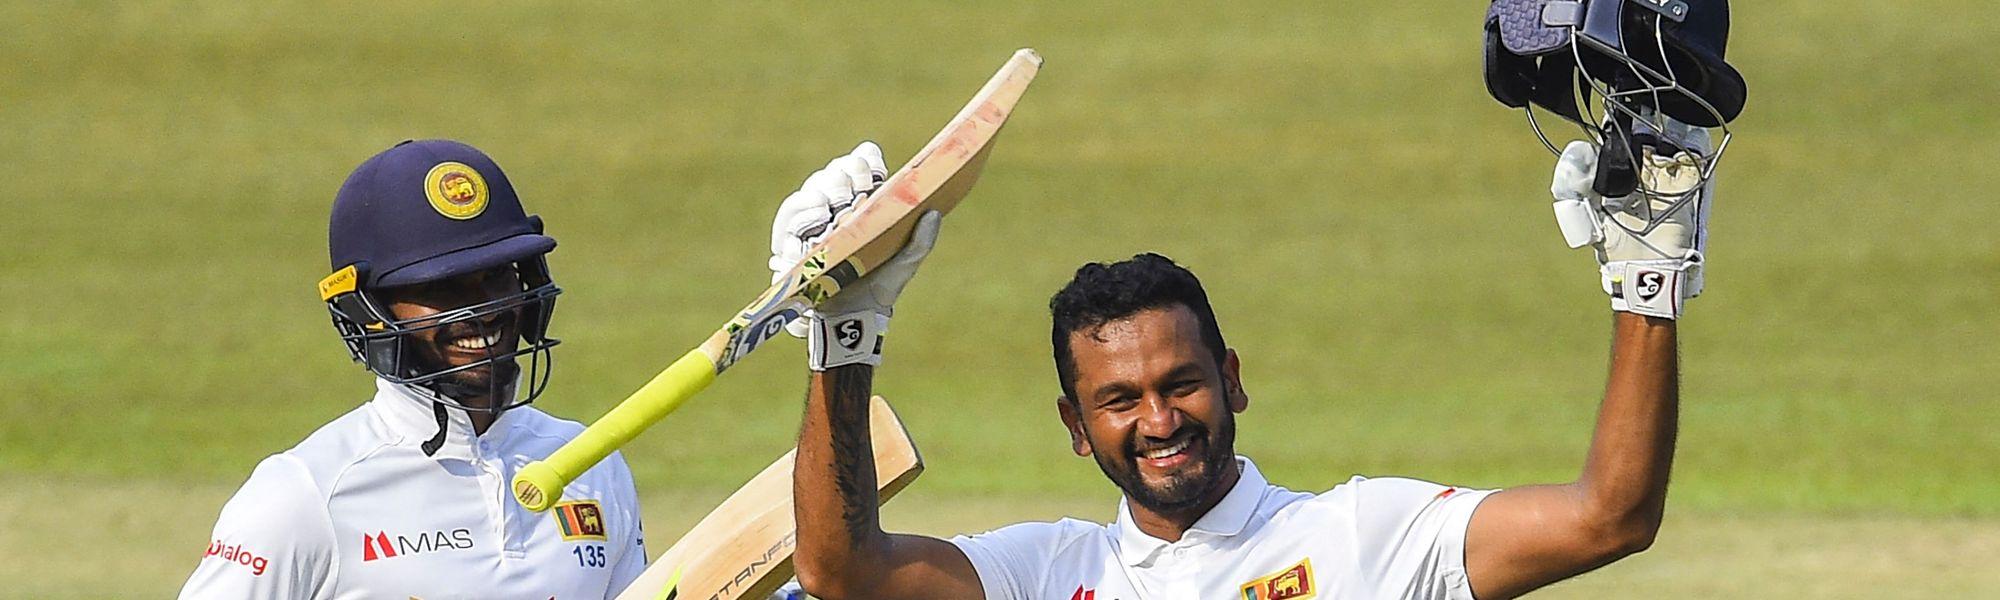 Sri Lanka v Ban, day 4, Karunaratne 200